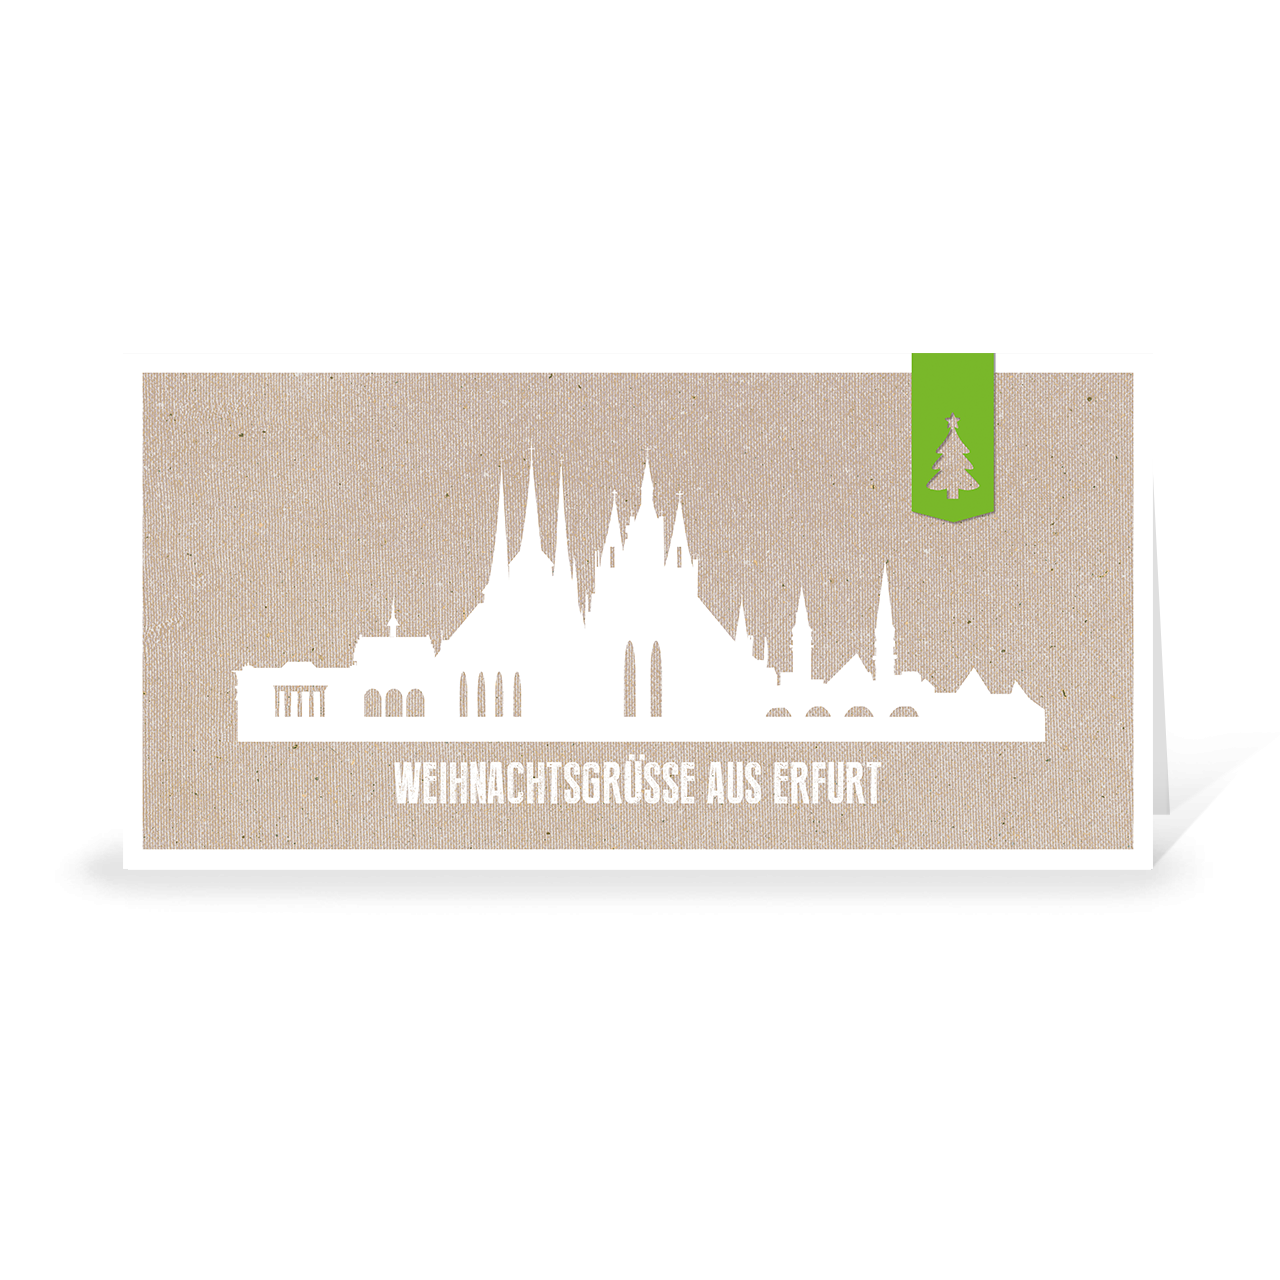 Skyline modern - Erfurt